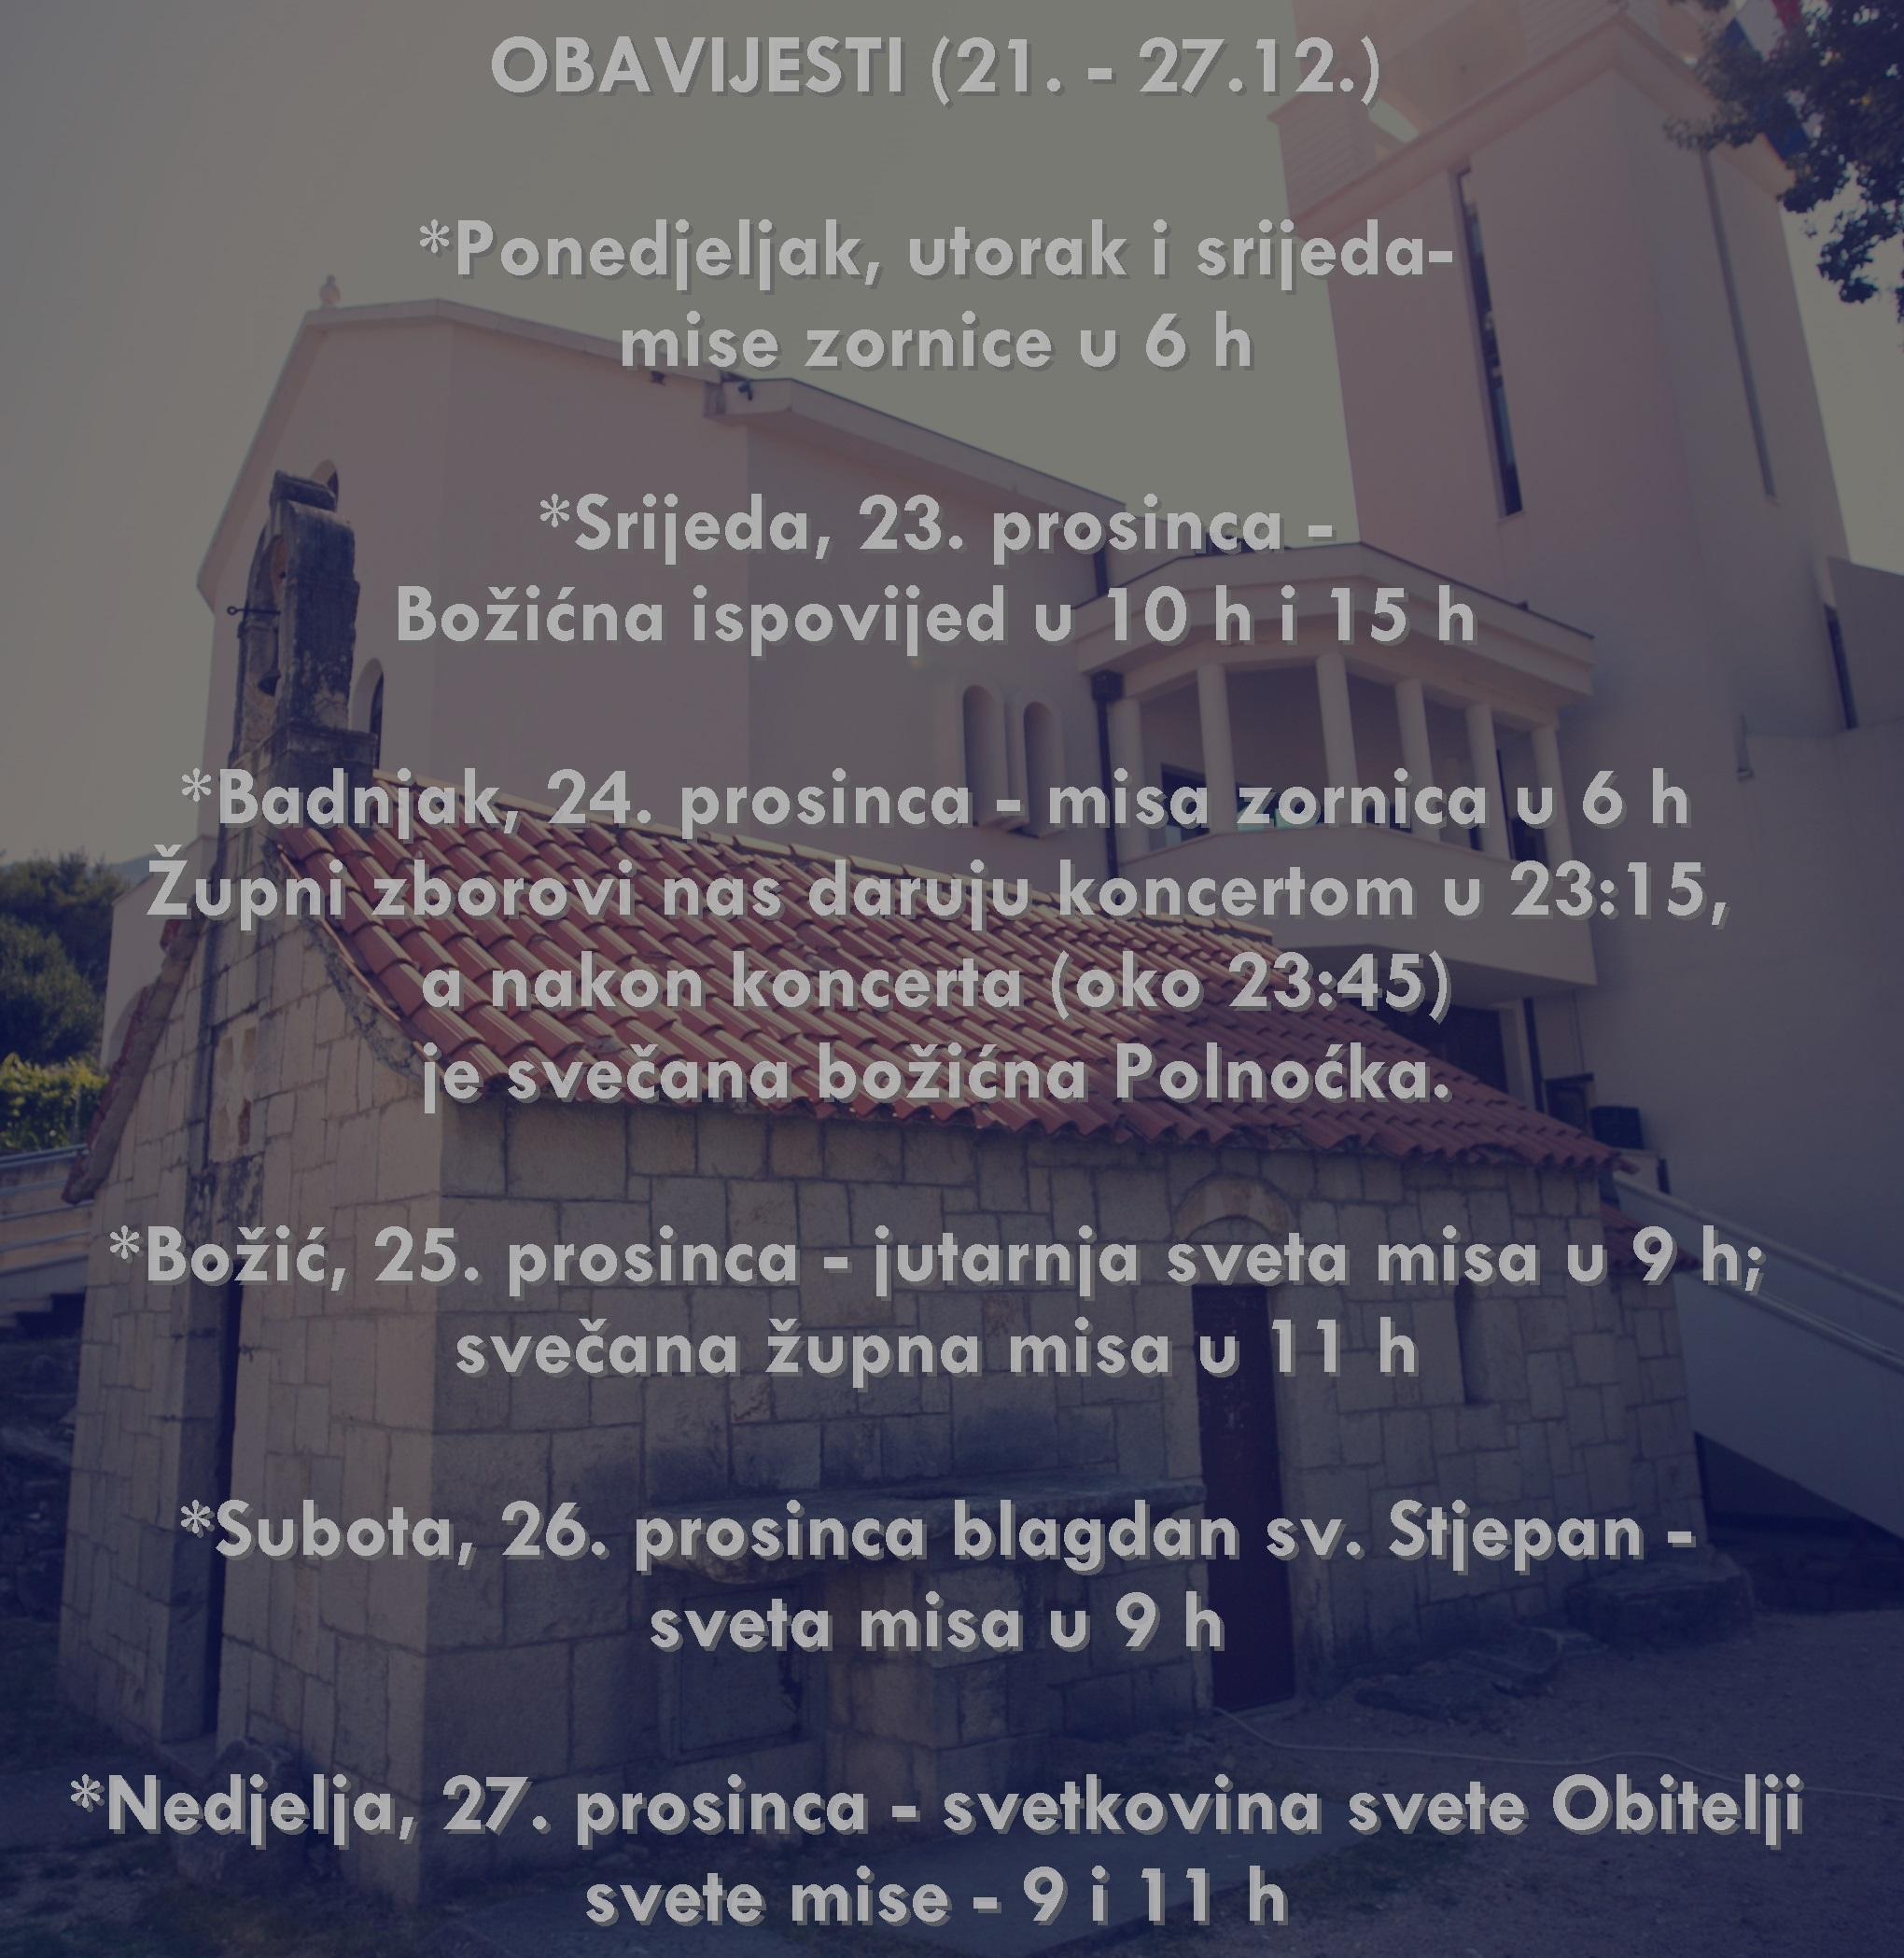 obavijesti20.12.